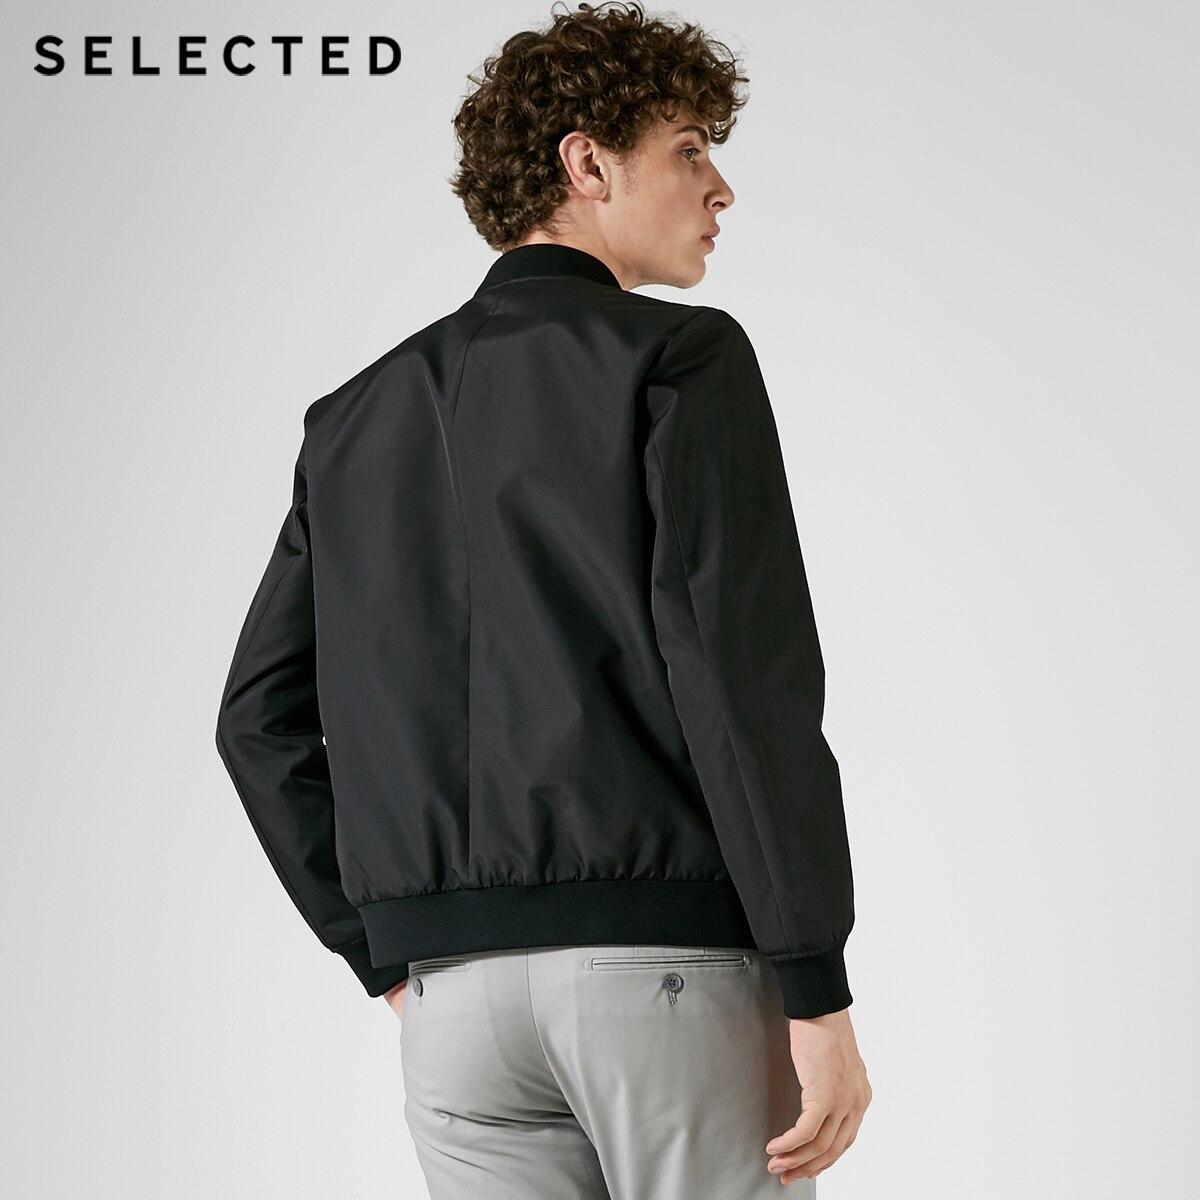 AUSGEWÄHLT männer Reine Farbe Baseball Kragen Reißverschluss Jacke S  4183OM506-in Jacken aus Herrenbekleidung bei  Gruppe 3